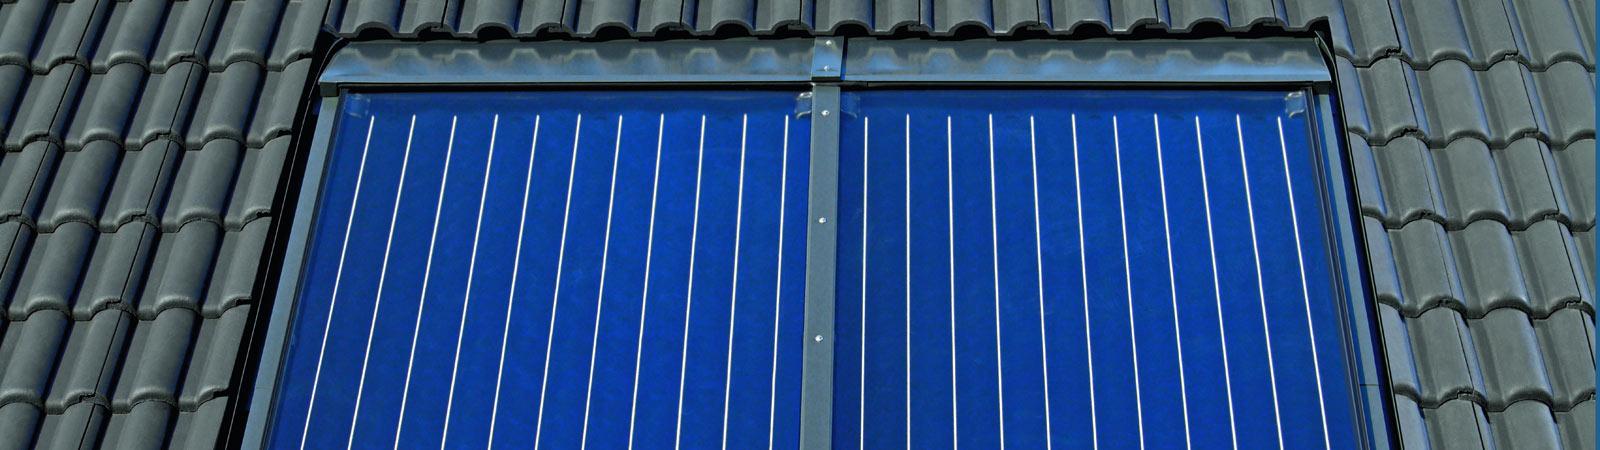 Kosten Solaranlage Heizungsunterstuetzung